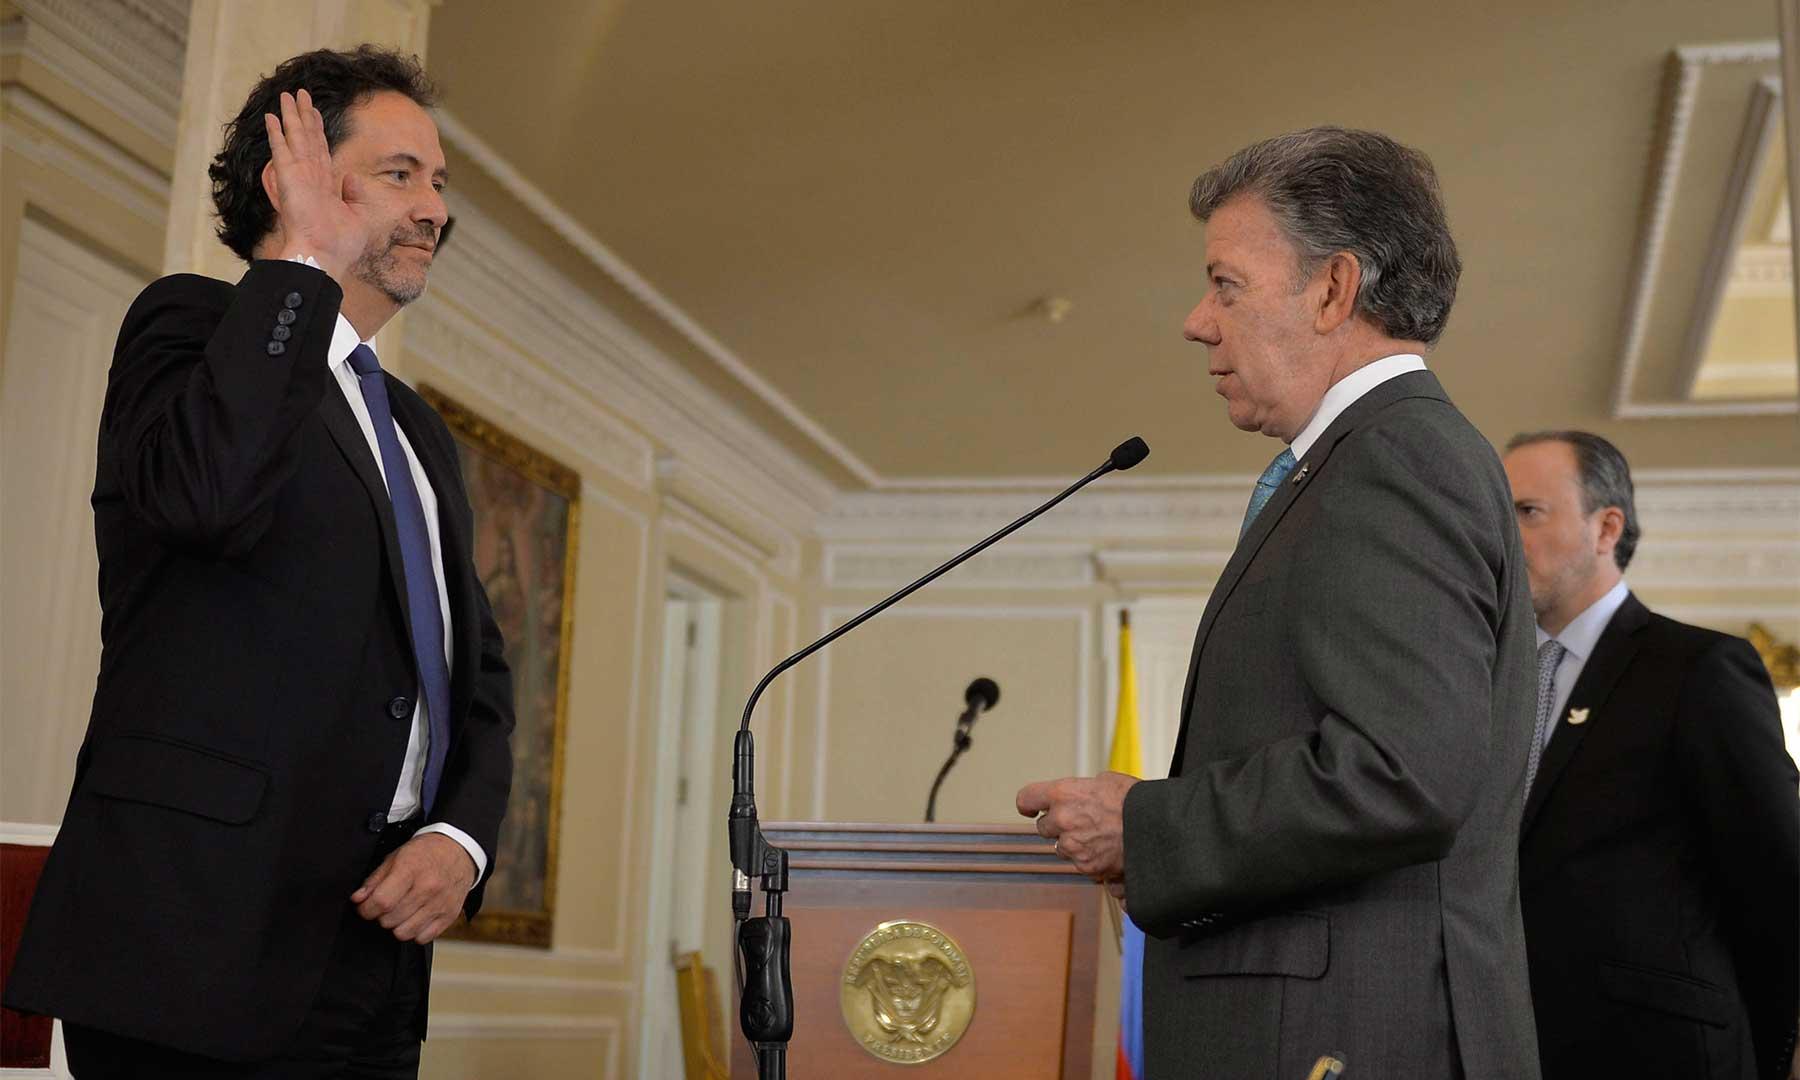 El Presidente Santos toma juramento a Camilo Granada como Alto Consejero Presidencial de Comunicaciones, quien establecerá una efectiva comunicación con los colombianos.